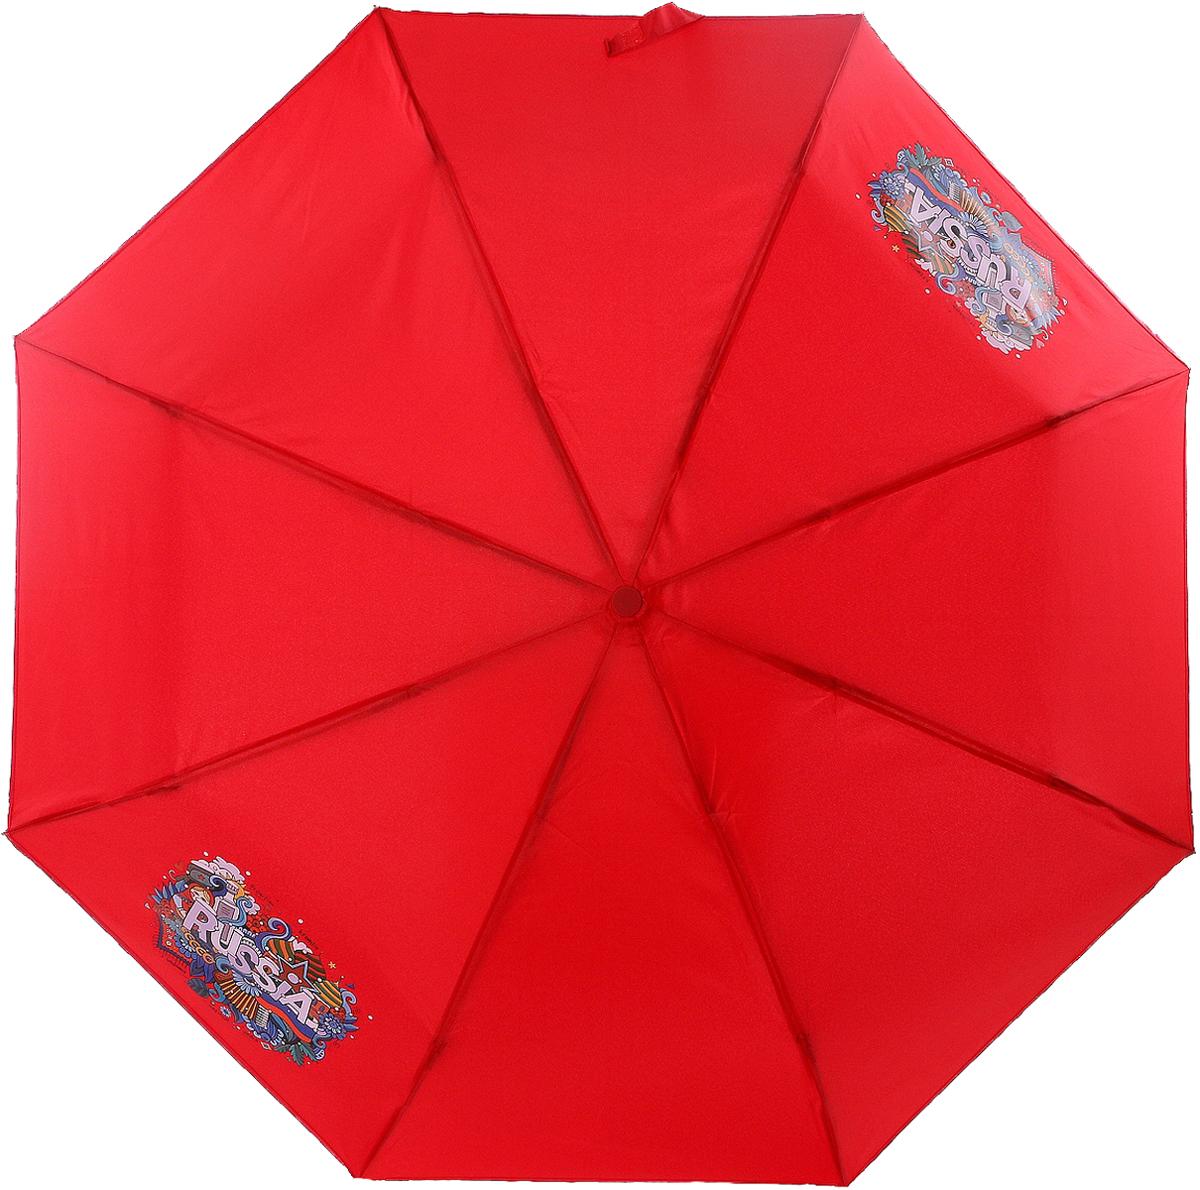 Зонт Artrain арт.3511-1713 зонт artrain механический 3 сложения цвет синий 3517 1732